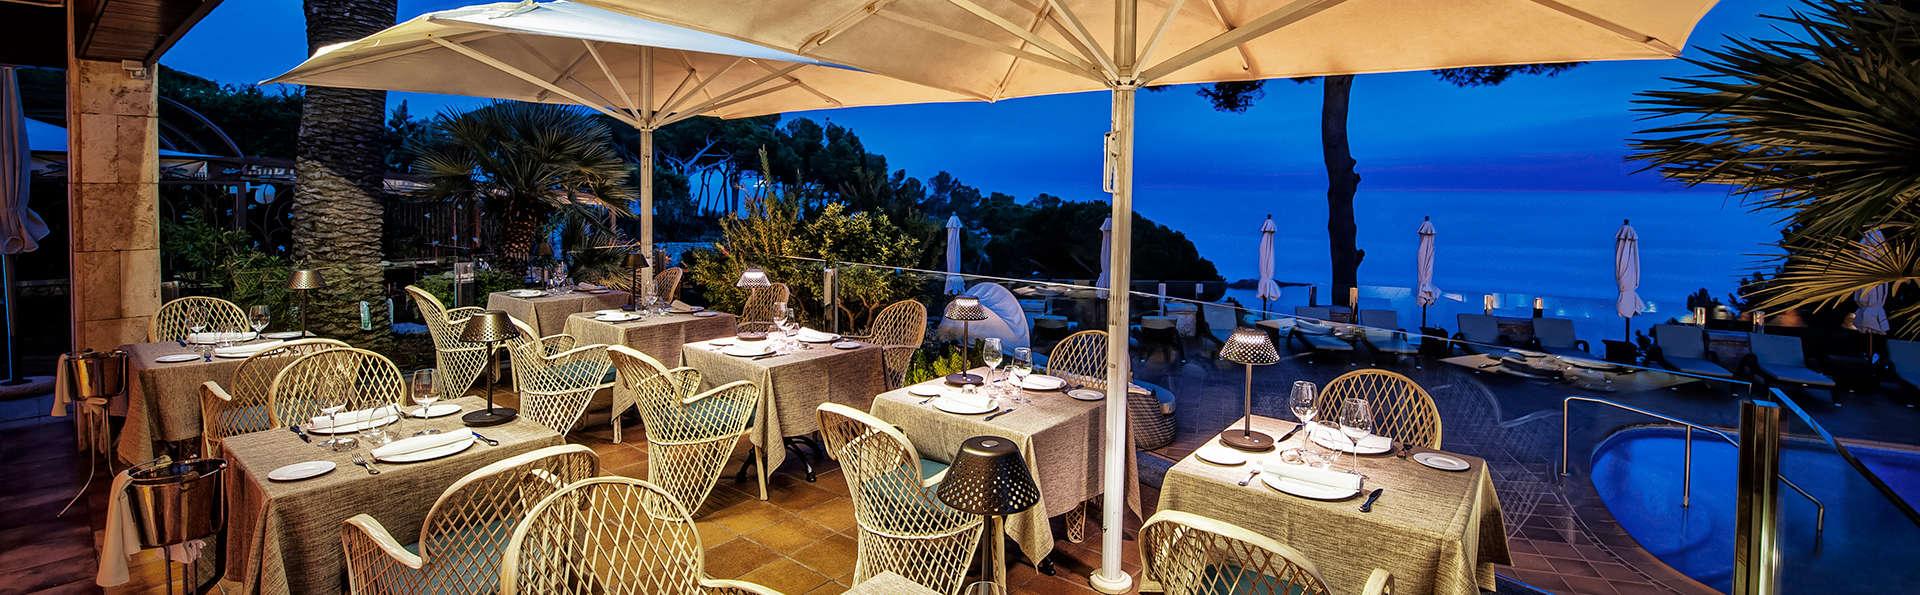 Escapada Romántica con cena especial y Spa en la Costa Brava